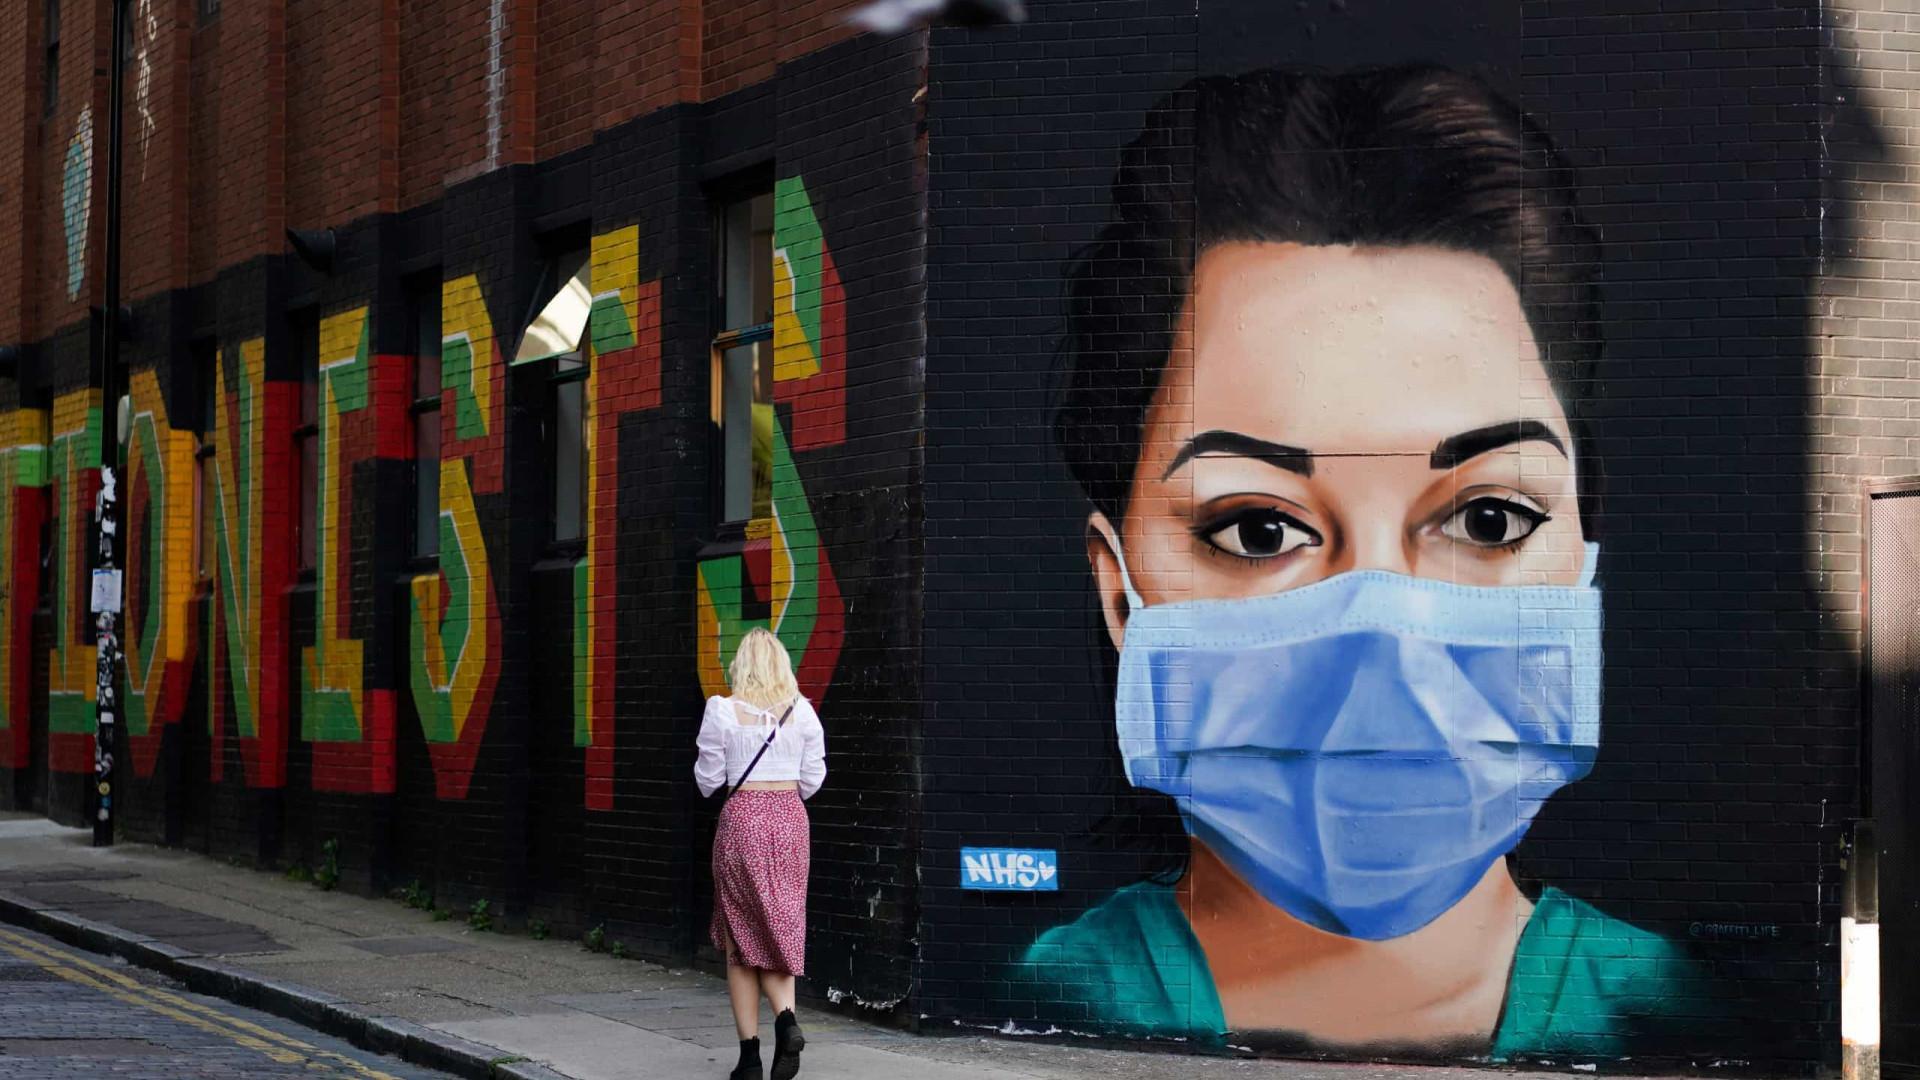 Arte de rua do mundo inteiro inspirada no coronavírus